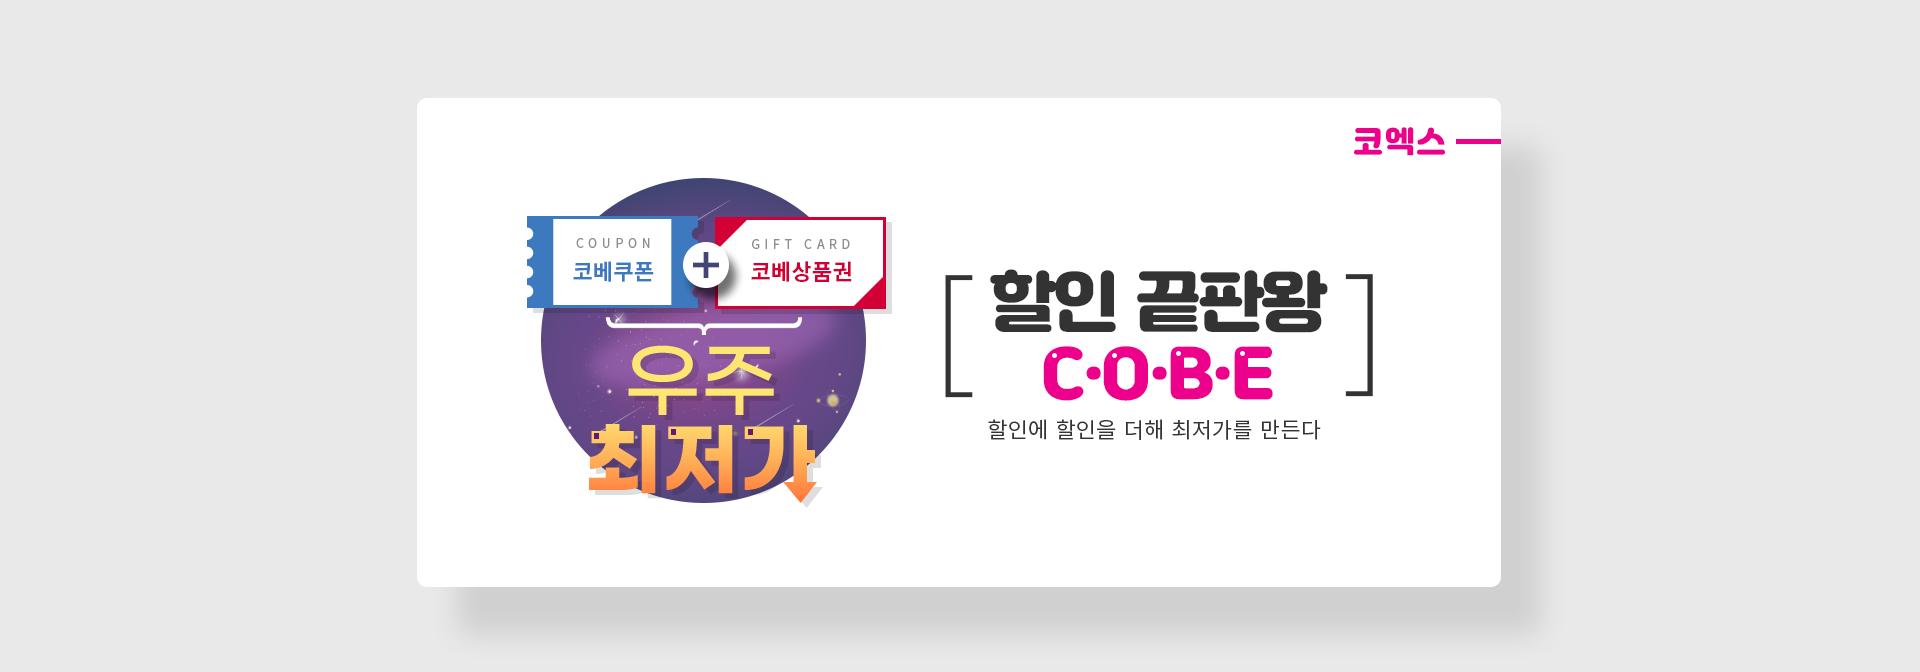 [코엑스] 코베 쿠폰&상품권 이벤트